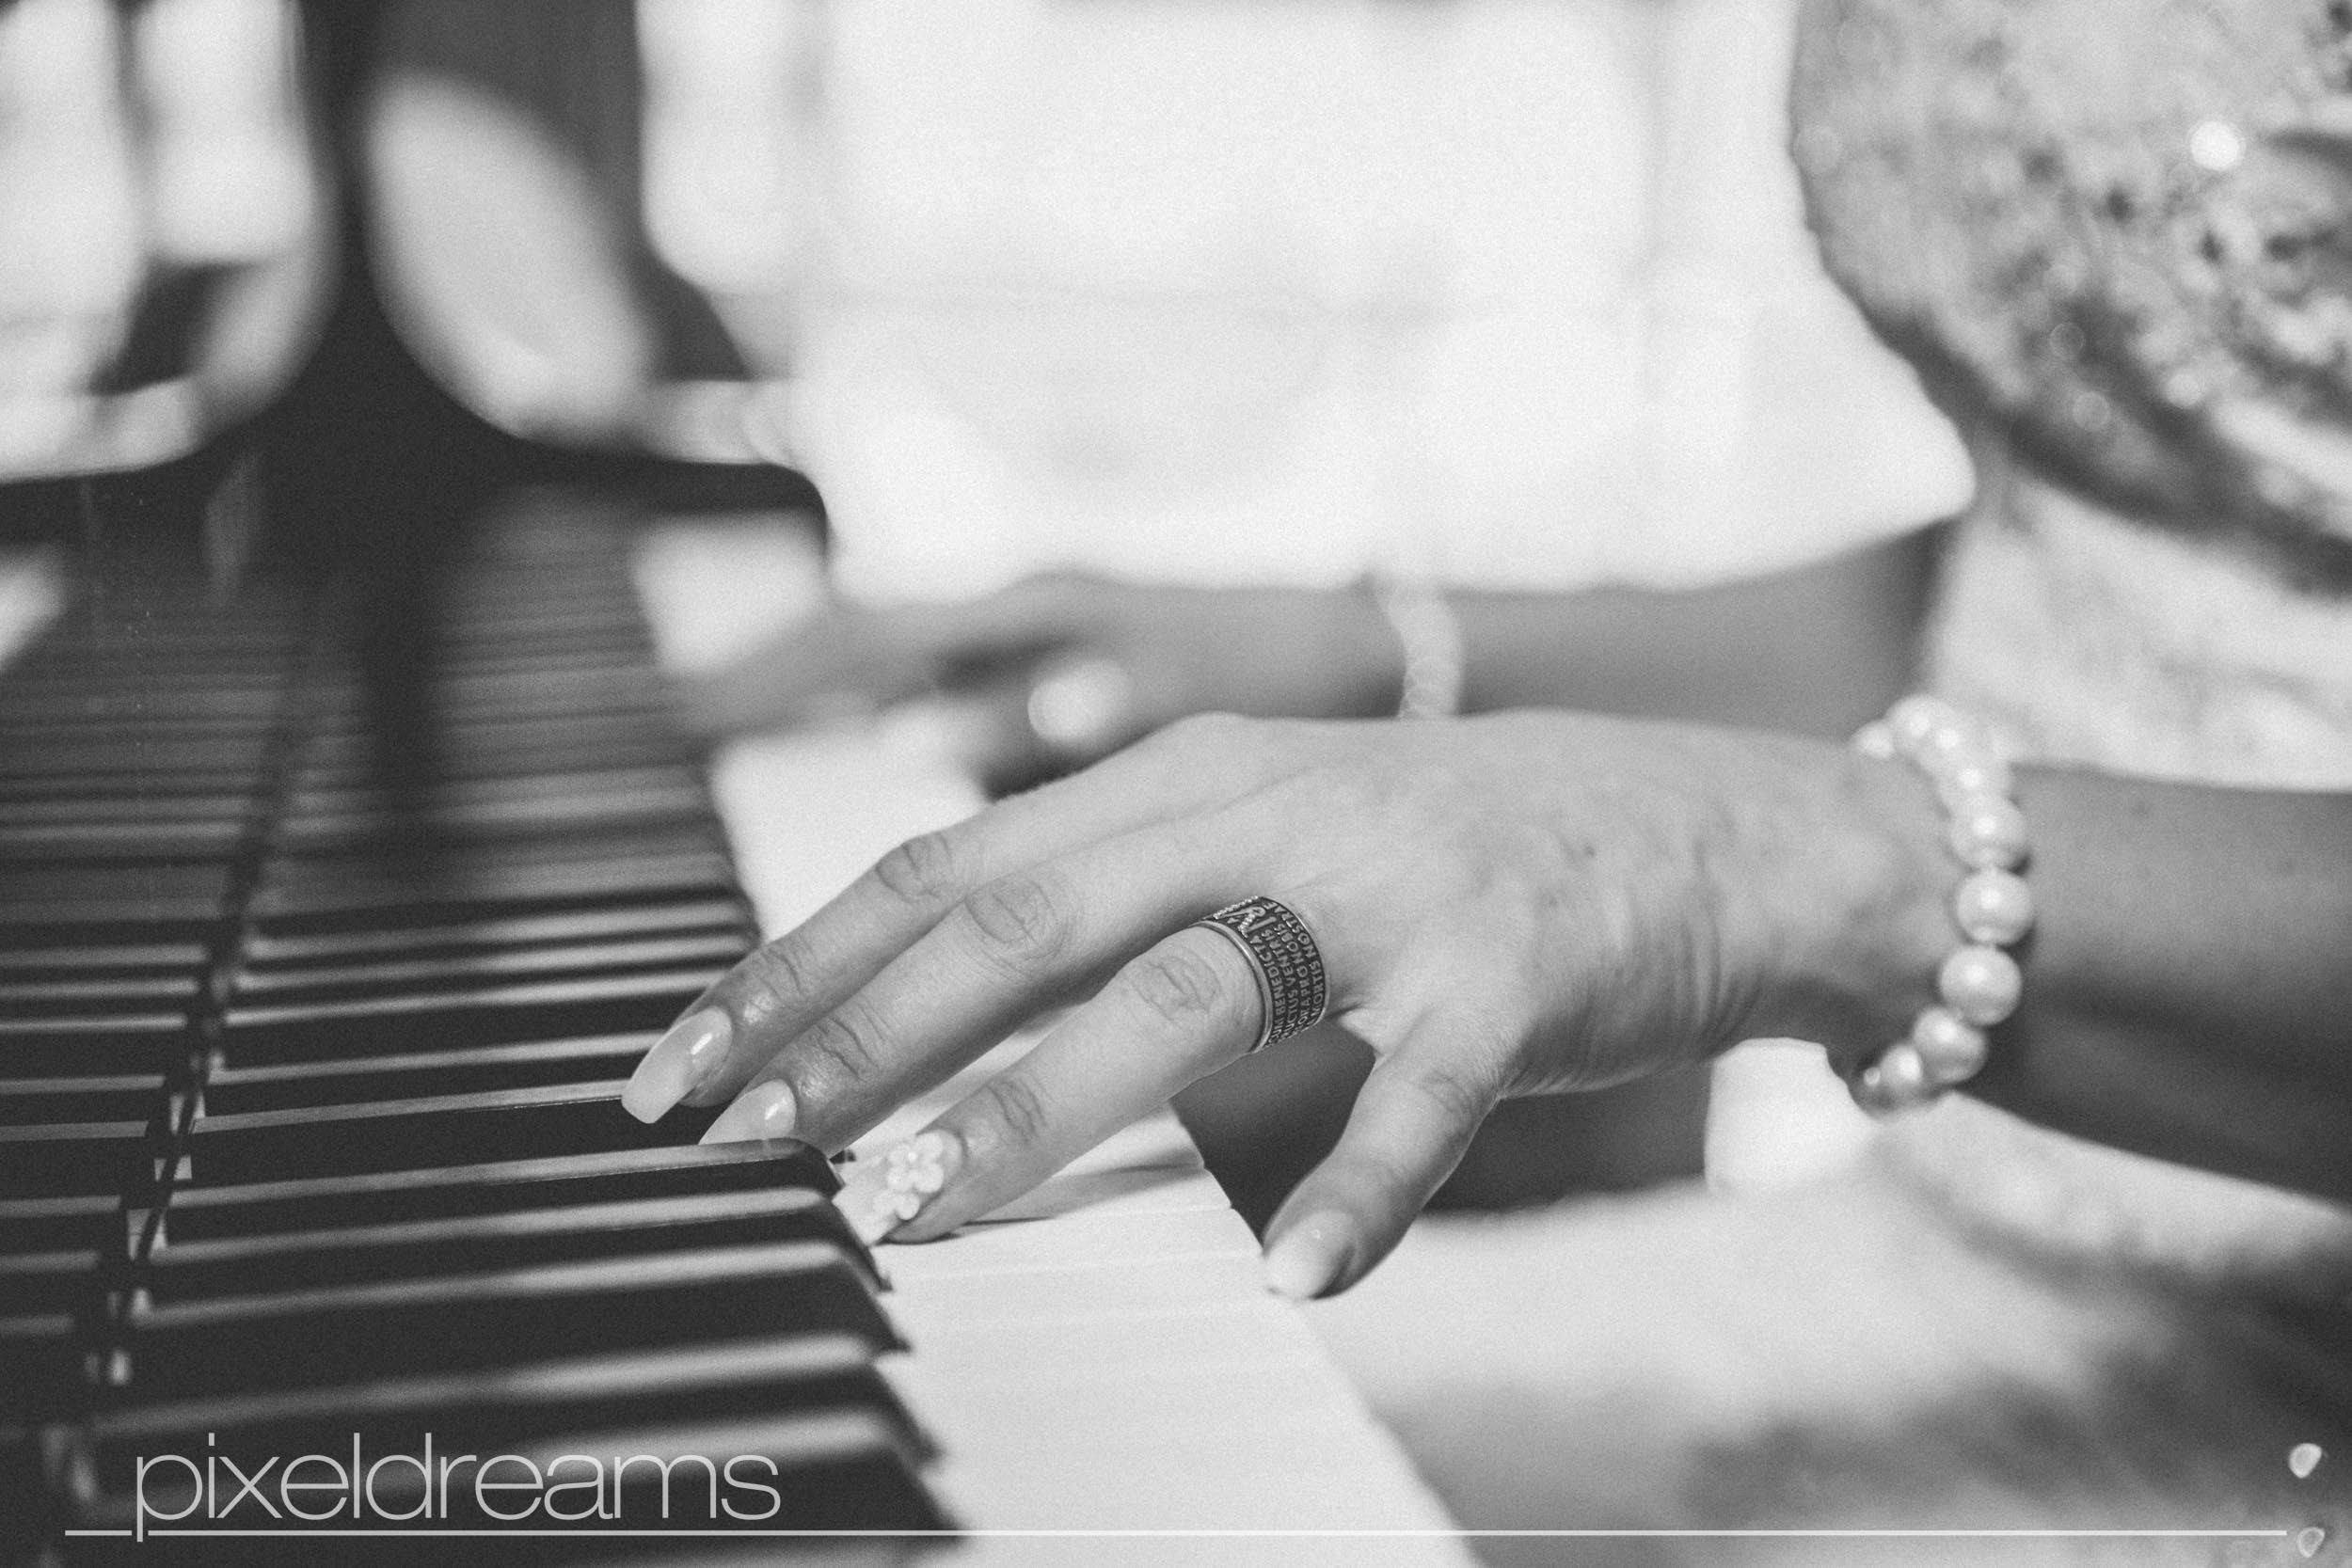 Braut spielt Klavier man sieht ihren Trauring, Hochzeitsfotograf macht Hochtzeitsfotos